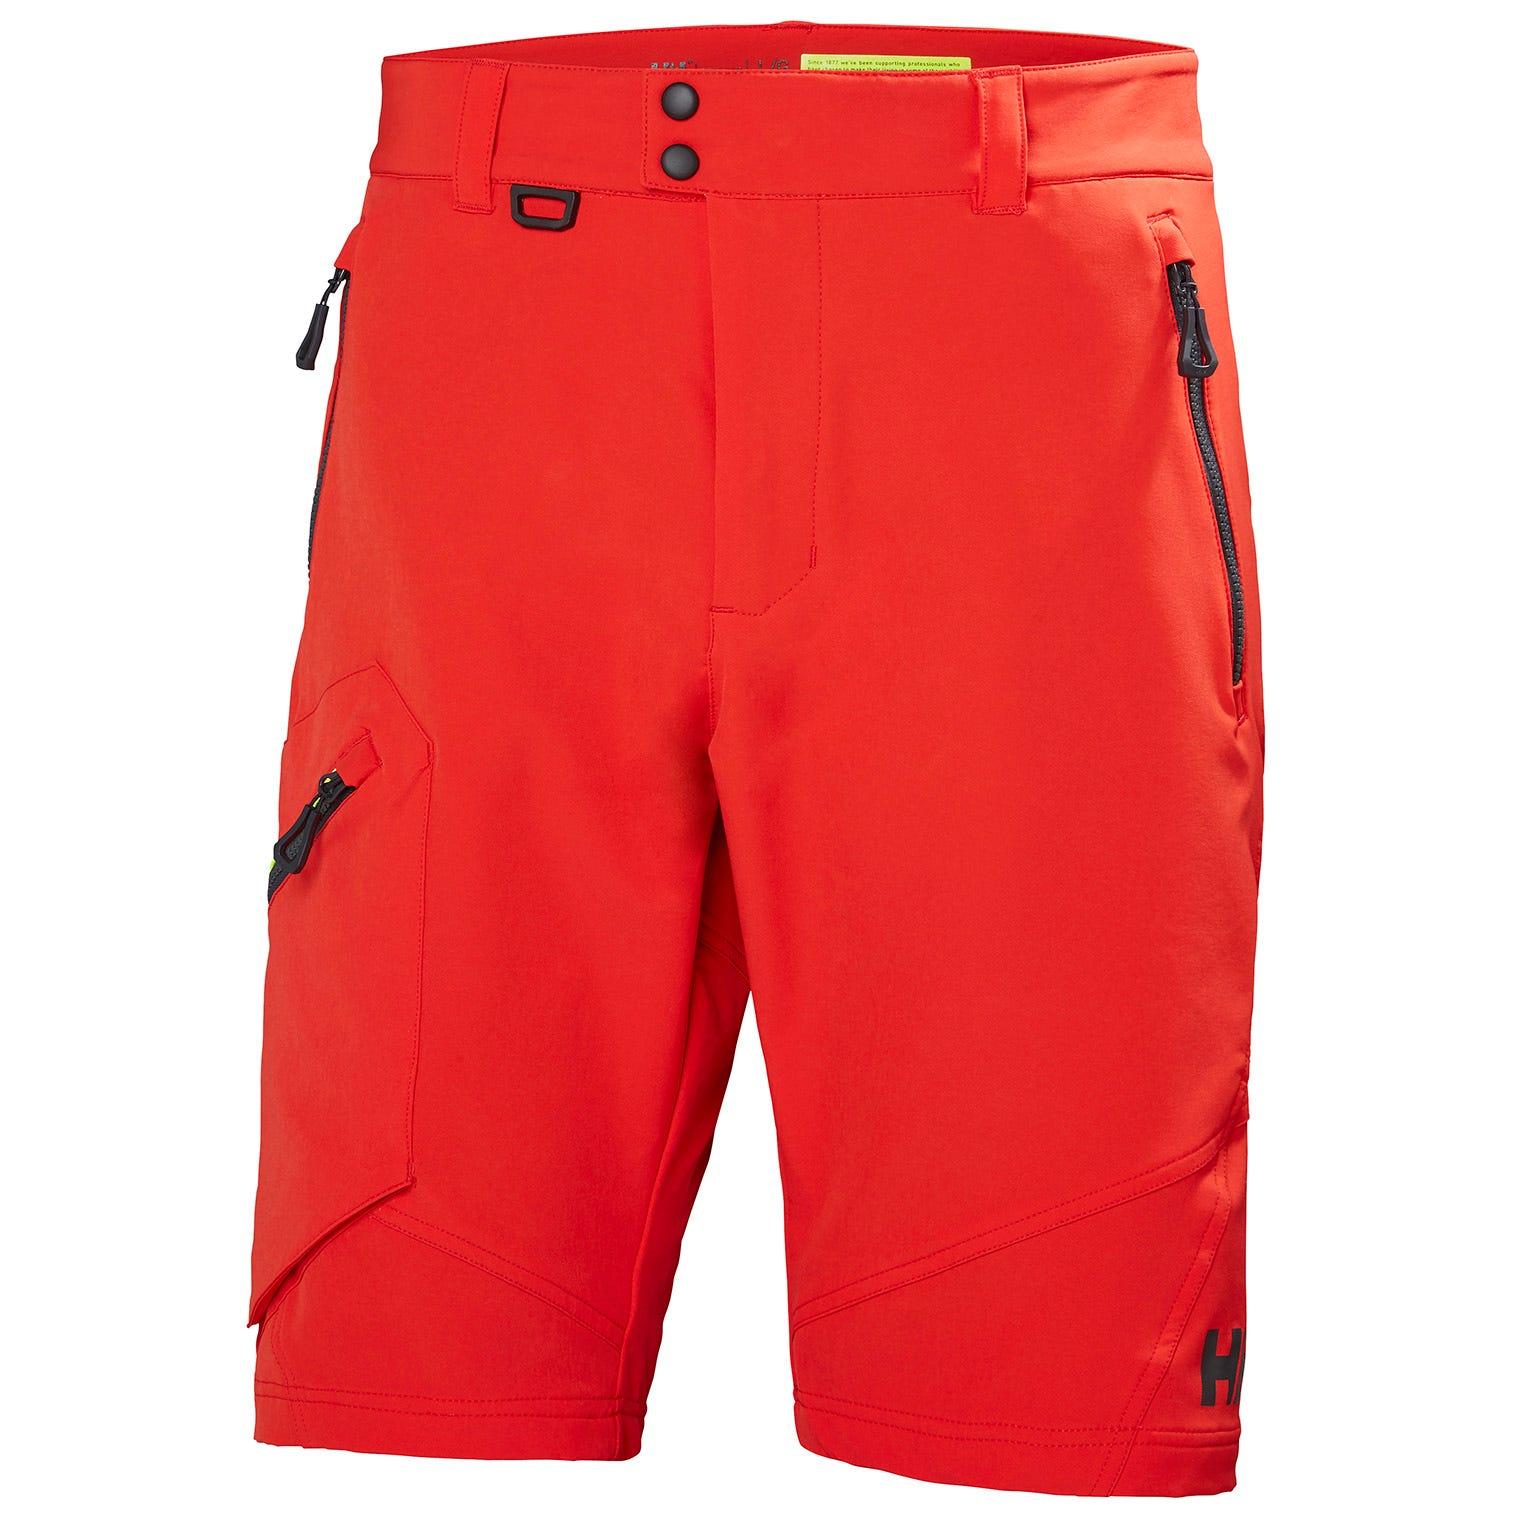 Helly Hansen Hp Softshell Shorts Mens Sailing Pant Red L